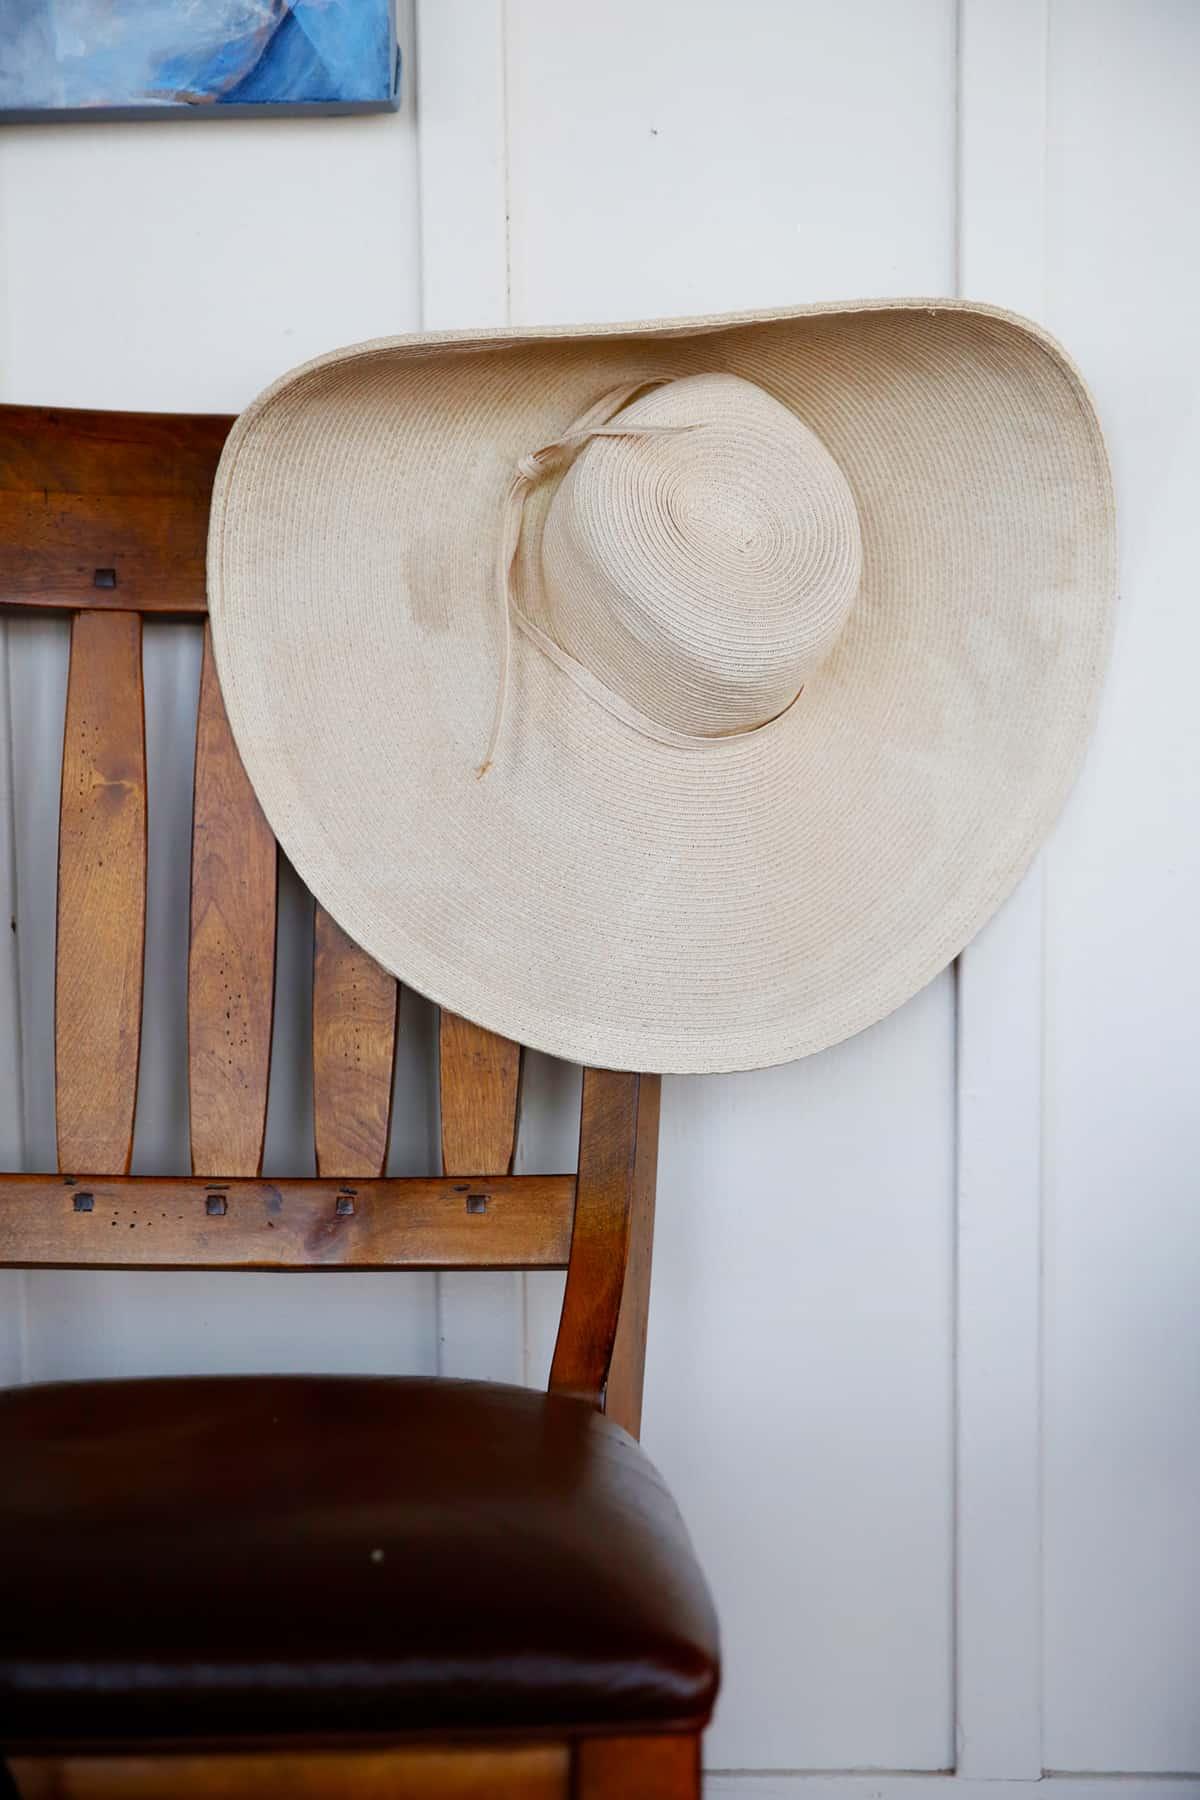 Beach hat on chair in beach house